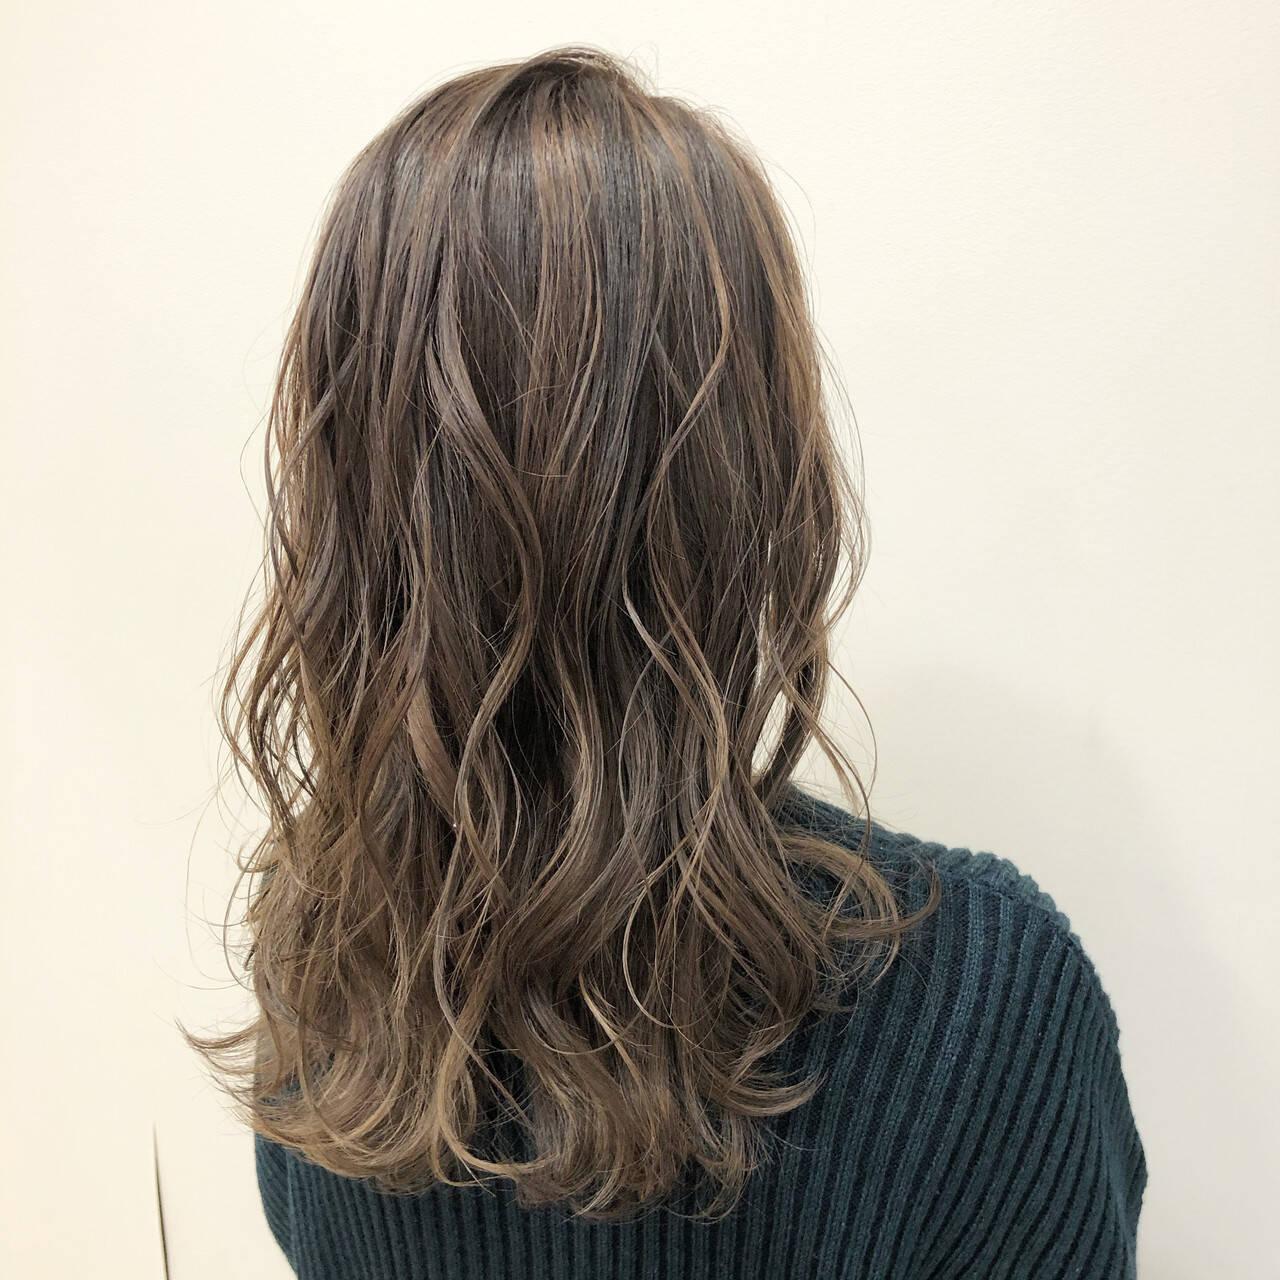 ブリーチカラー セミロング ミルクティーベージュ ミルクティーグレージュヘアスタイルや髪型の写真・画像